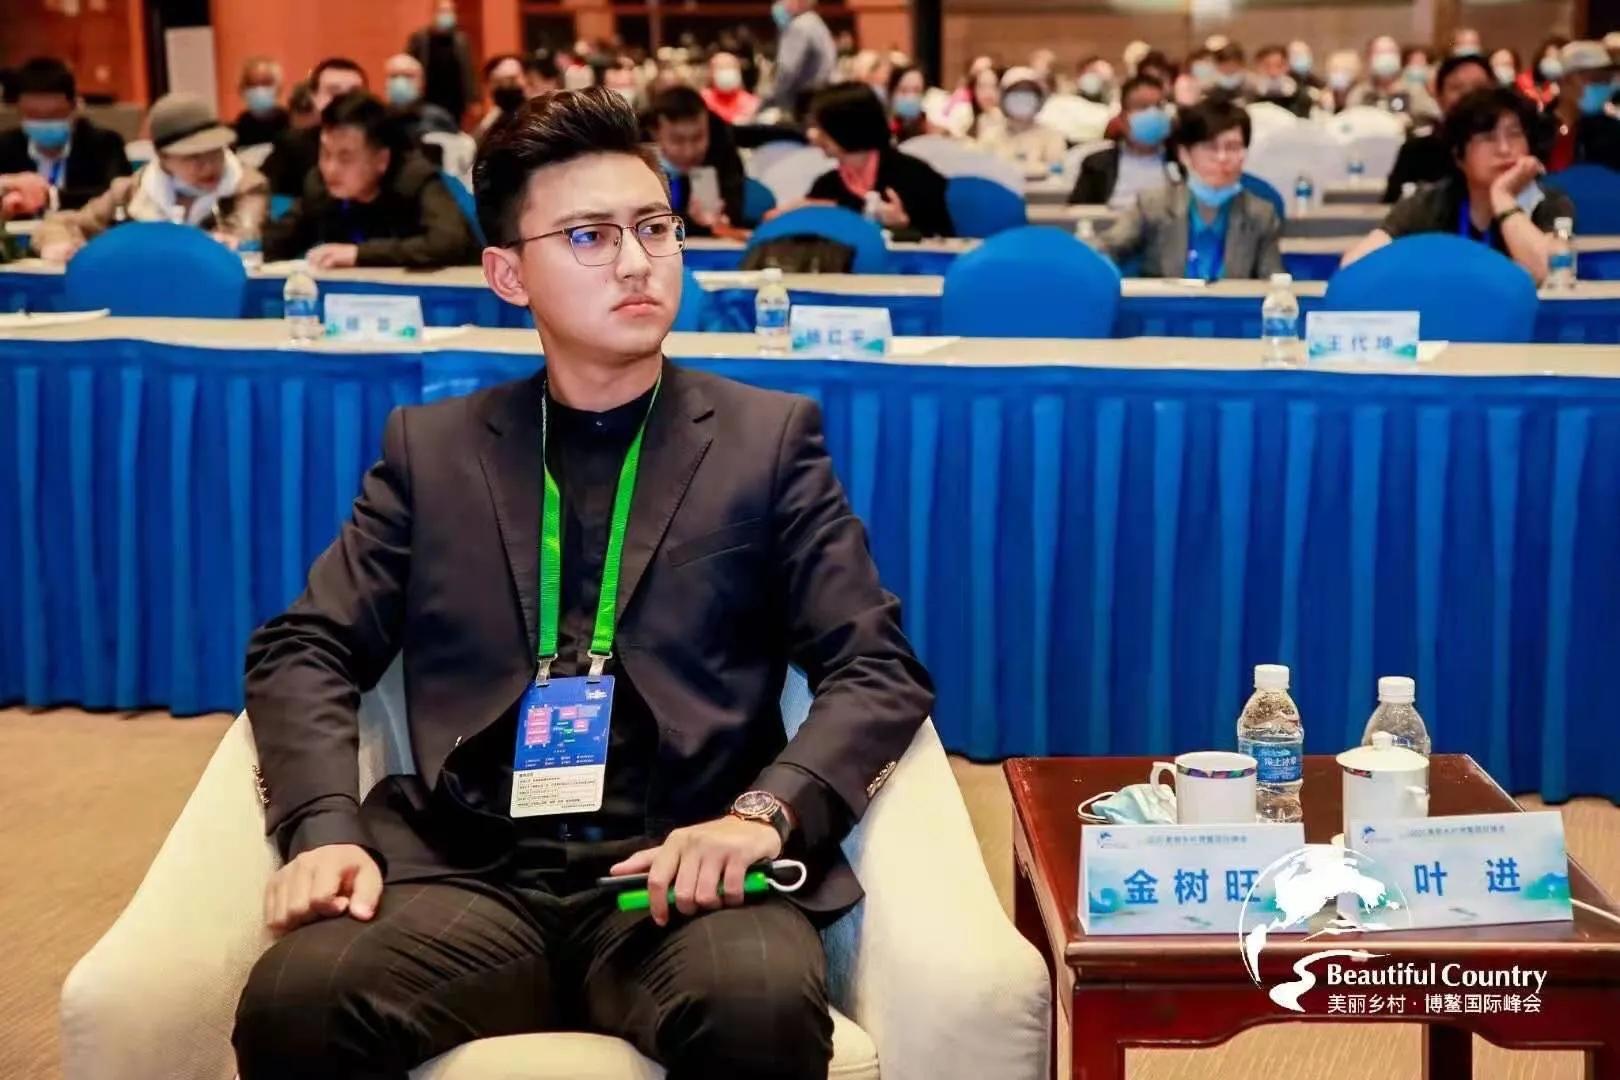 五指红获中国名优产品示范基地美丽乡村博鳌国际峰会理事单位称号